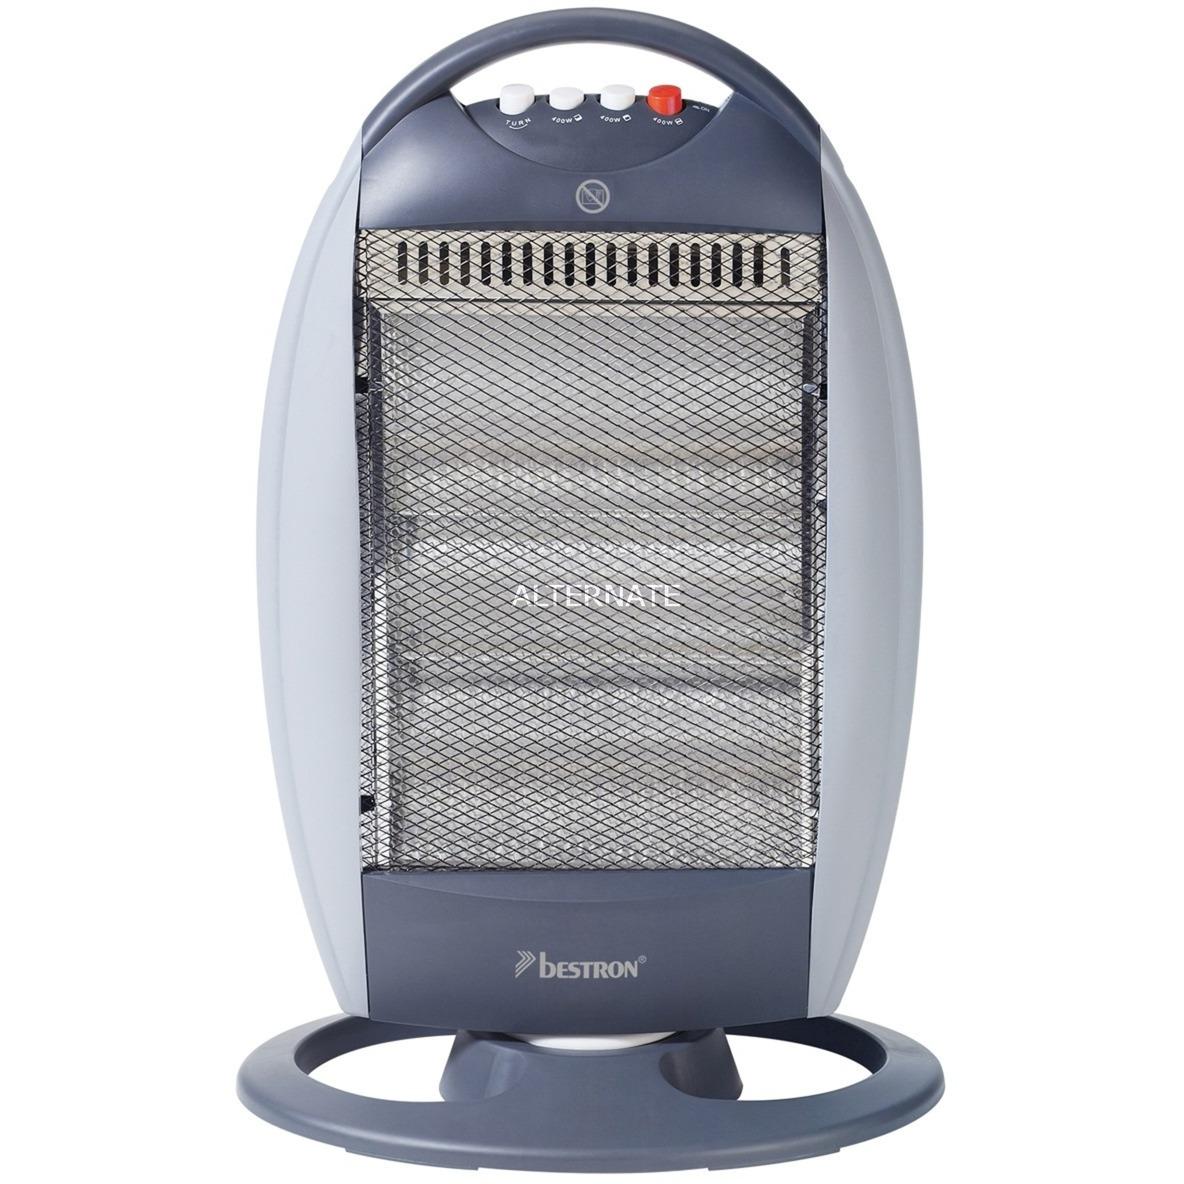 AHH1200 calefactor eléctrico Calentador infrarrojo Gris, Acero inoxidable 1200 W, Calentador radiante